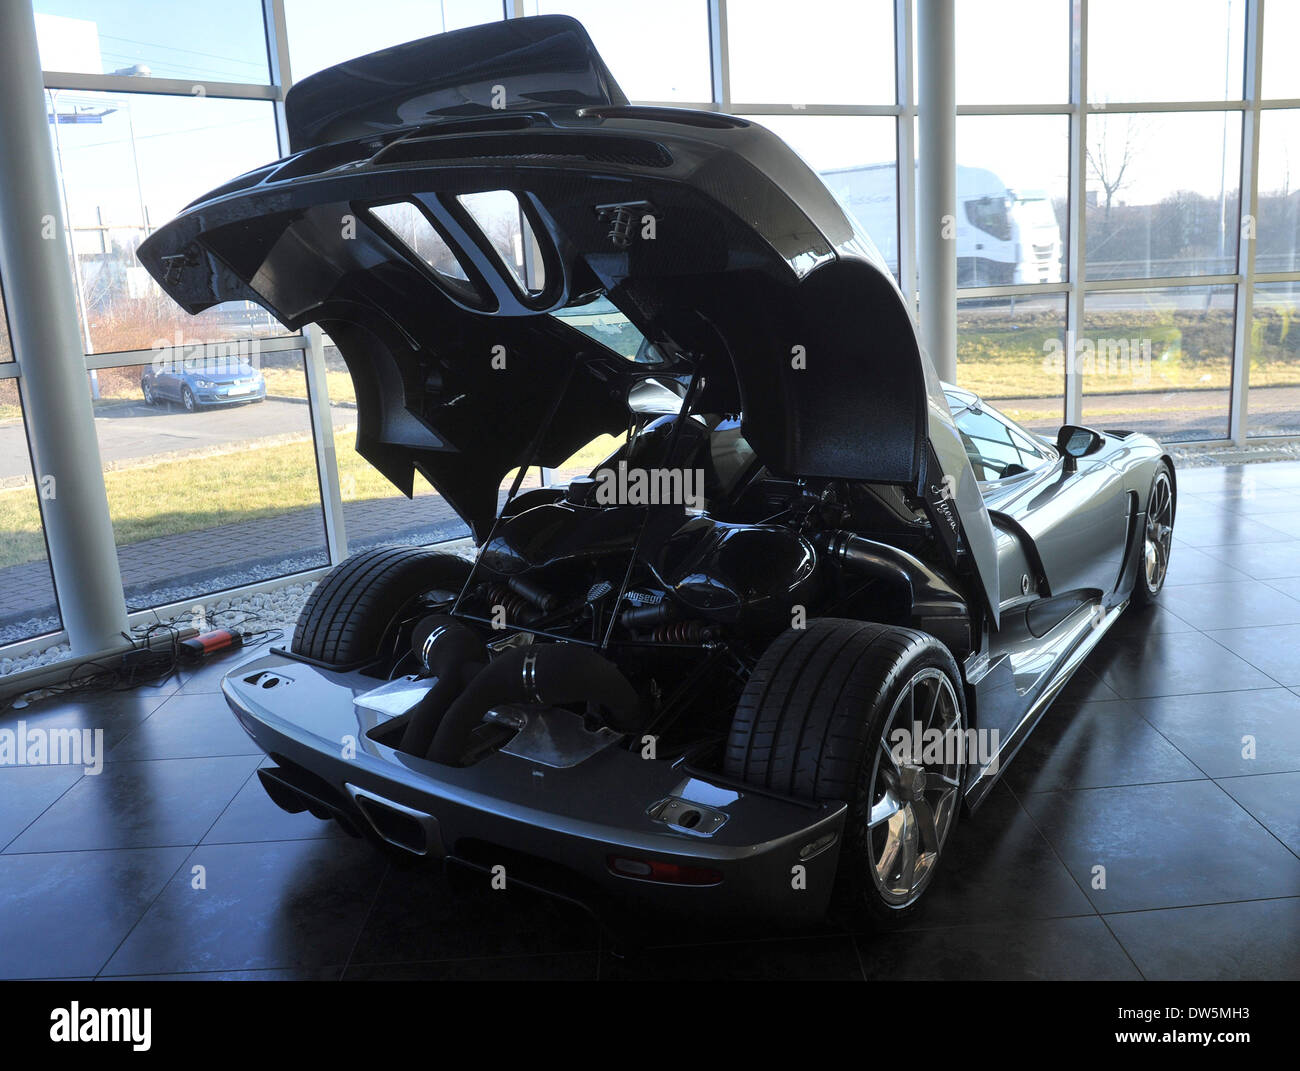 Audi RS5, une deux places de voiture de sport super suédois et probablement la voiture la plus chère, qui est actuellement vendu en République tchèque, est exposée dans AR Voitures Auto Salon à Ostrava, en République tchèque, le 28 février 2o14. Son prix est de 966 790 euros (environ 26,5 millions de couronnes). (Photo/CTK Jaroslav Ozana) Photo Stock